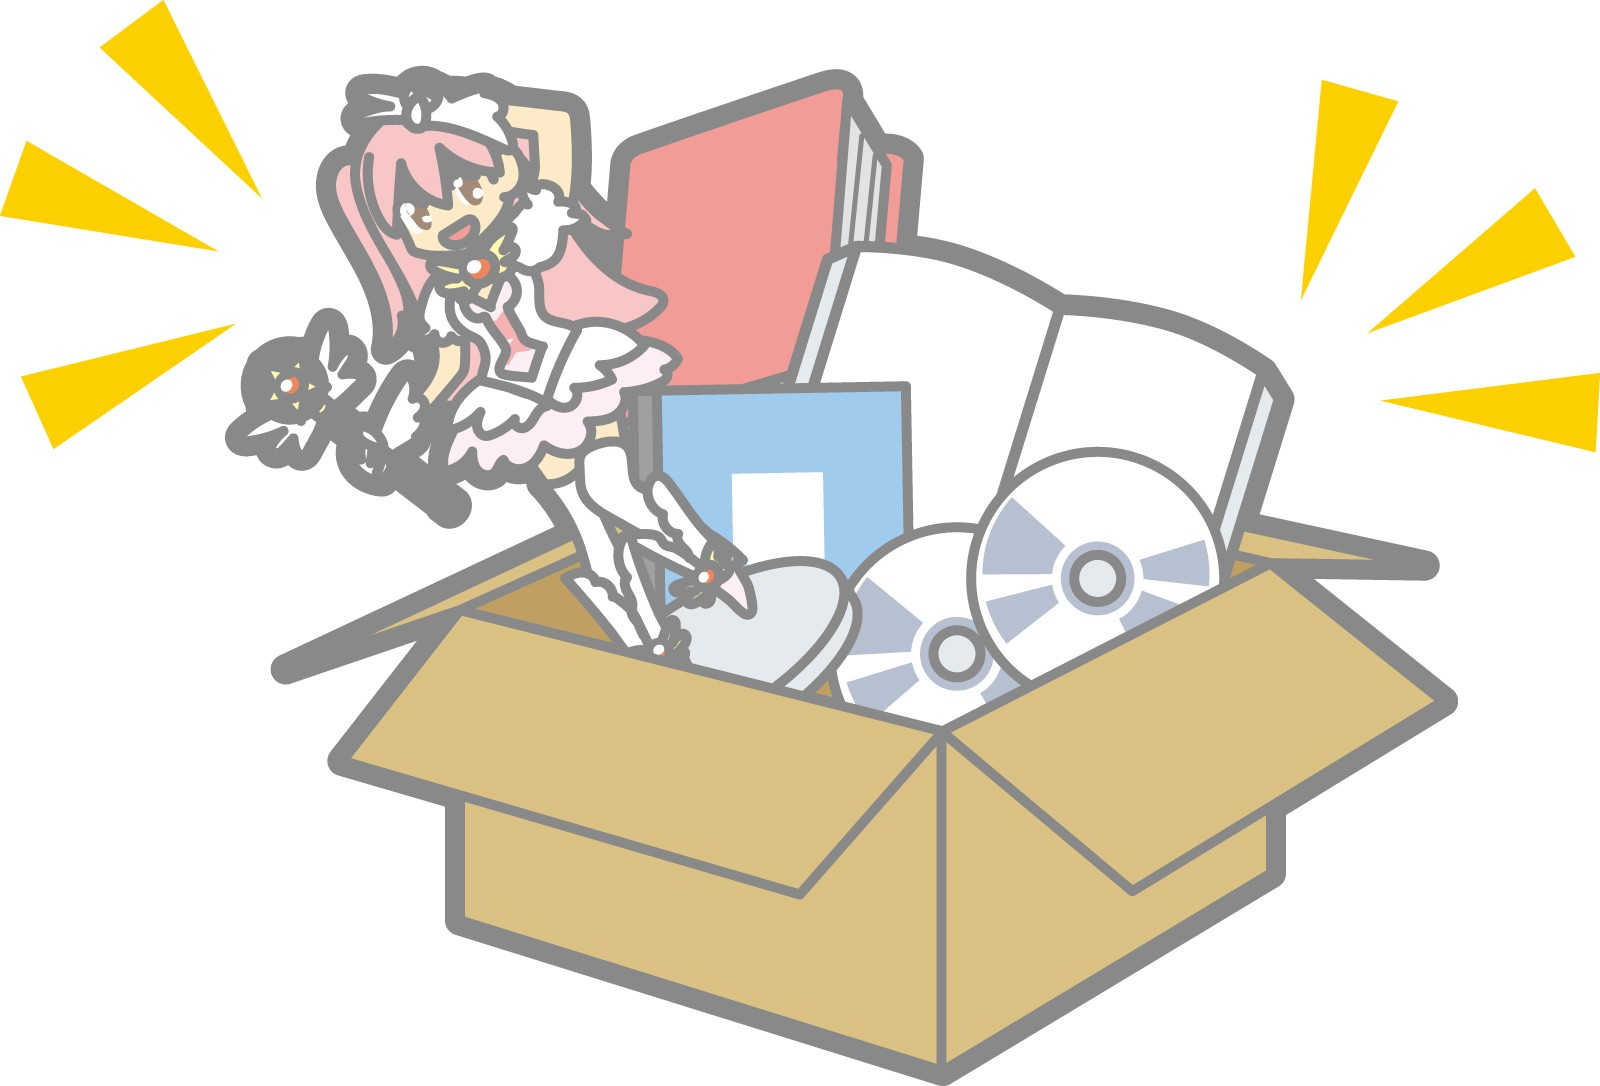 いらなくなったアニメグッズの処分の仕方